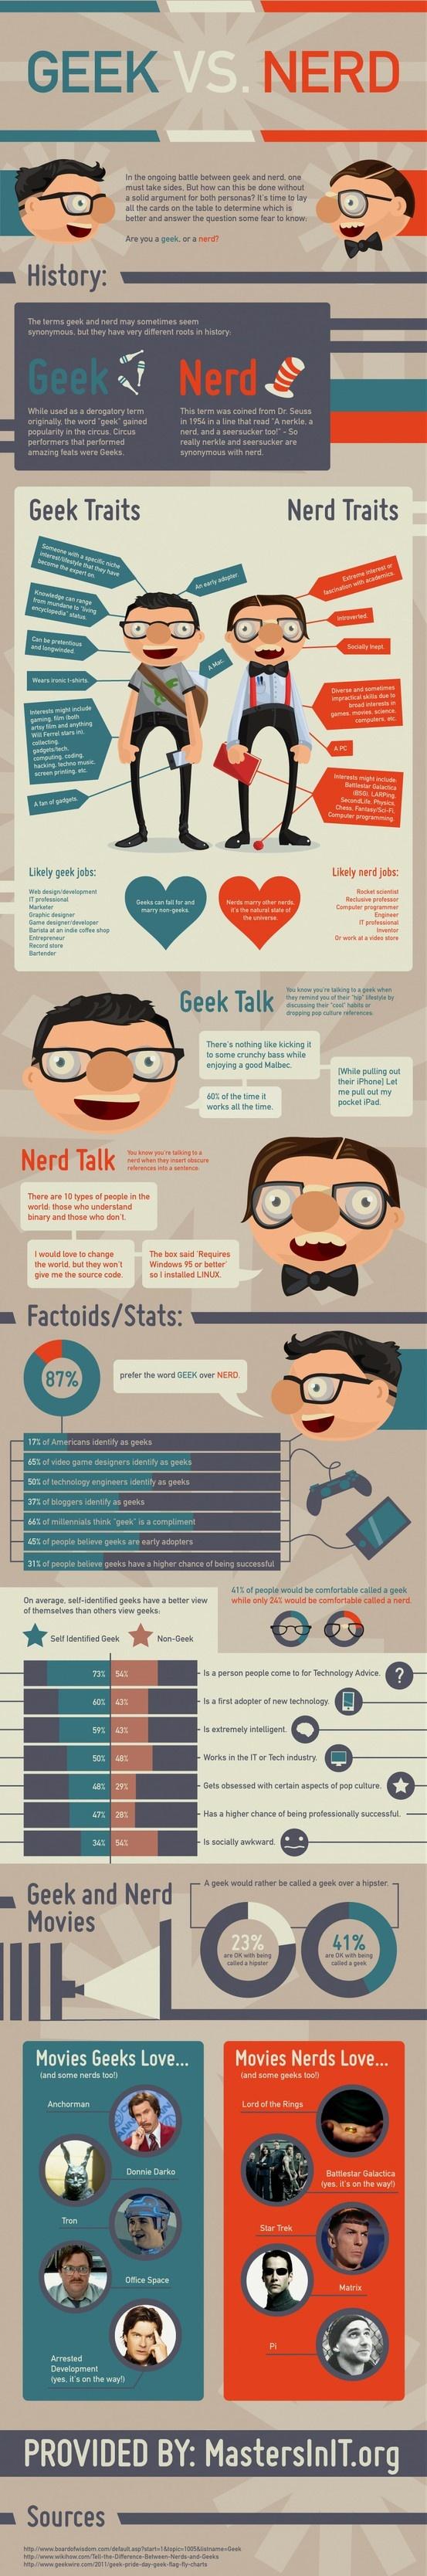 visualisation: Geek vs. Nerd